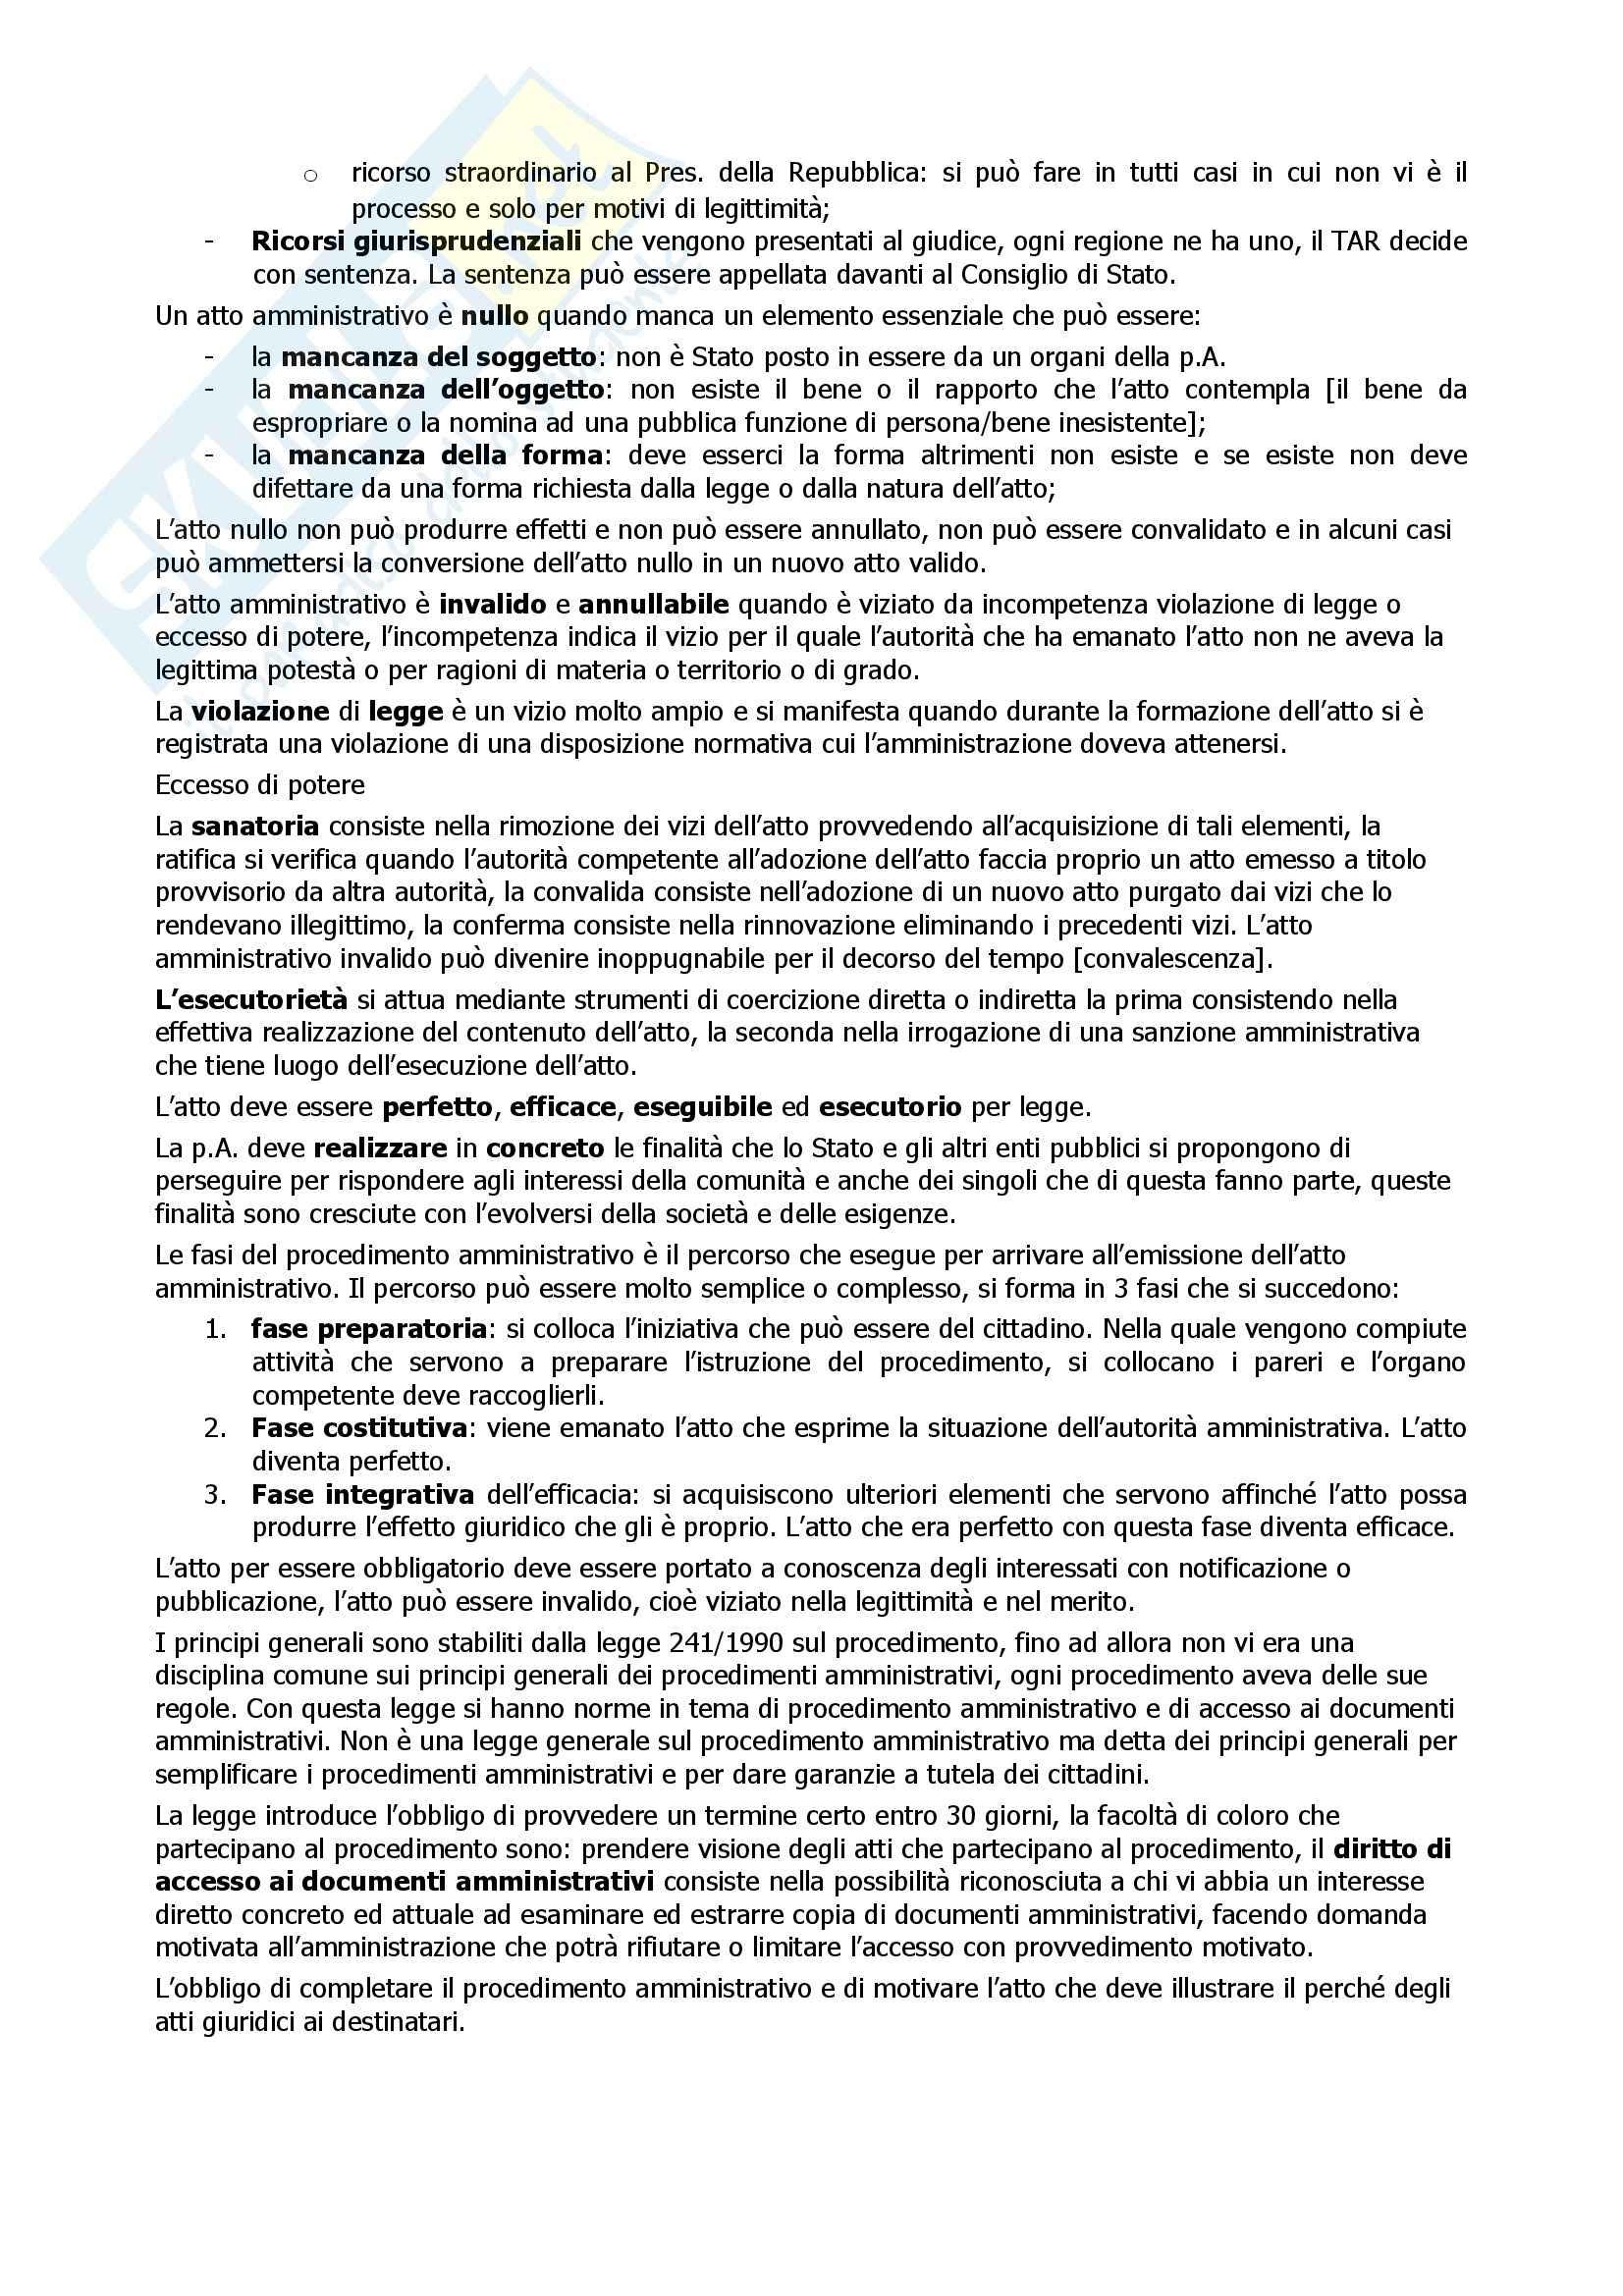 Diritto pubblico - lezioni Quaglia Pag. 21